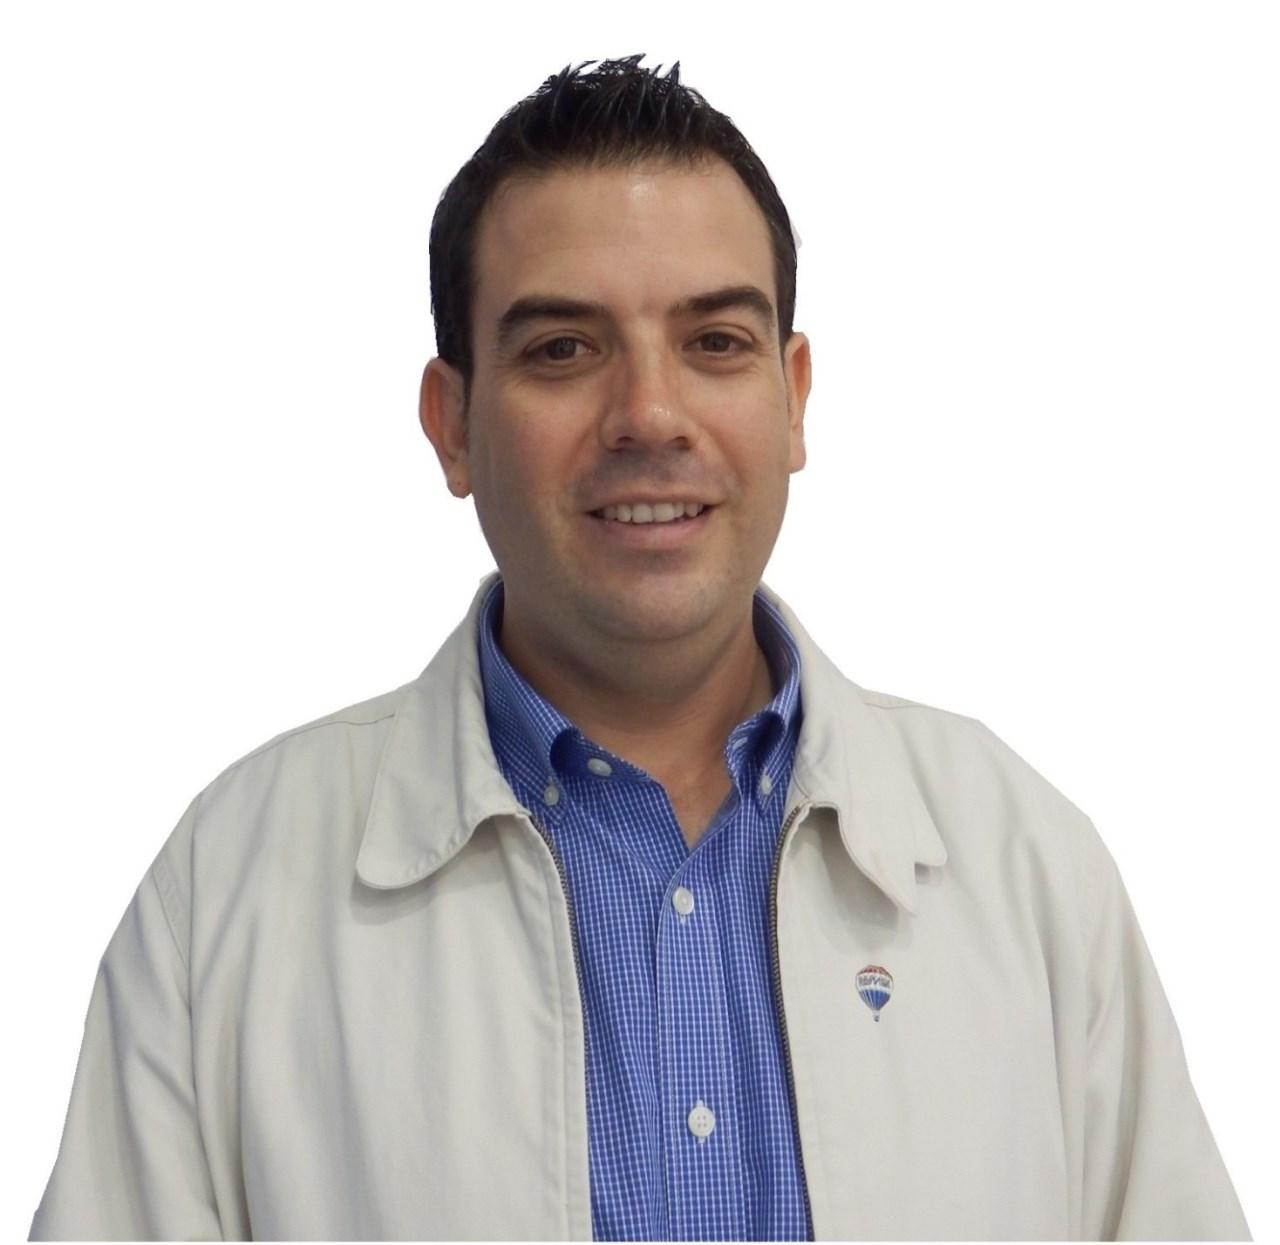 Mariano Pérez Valdivieso